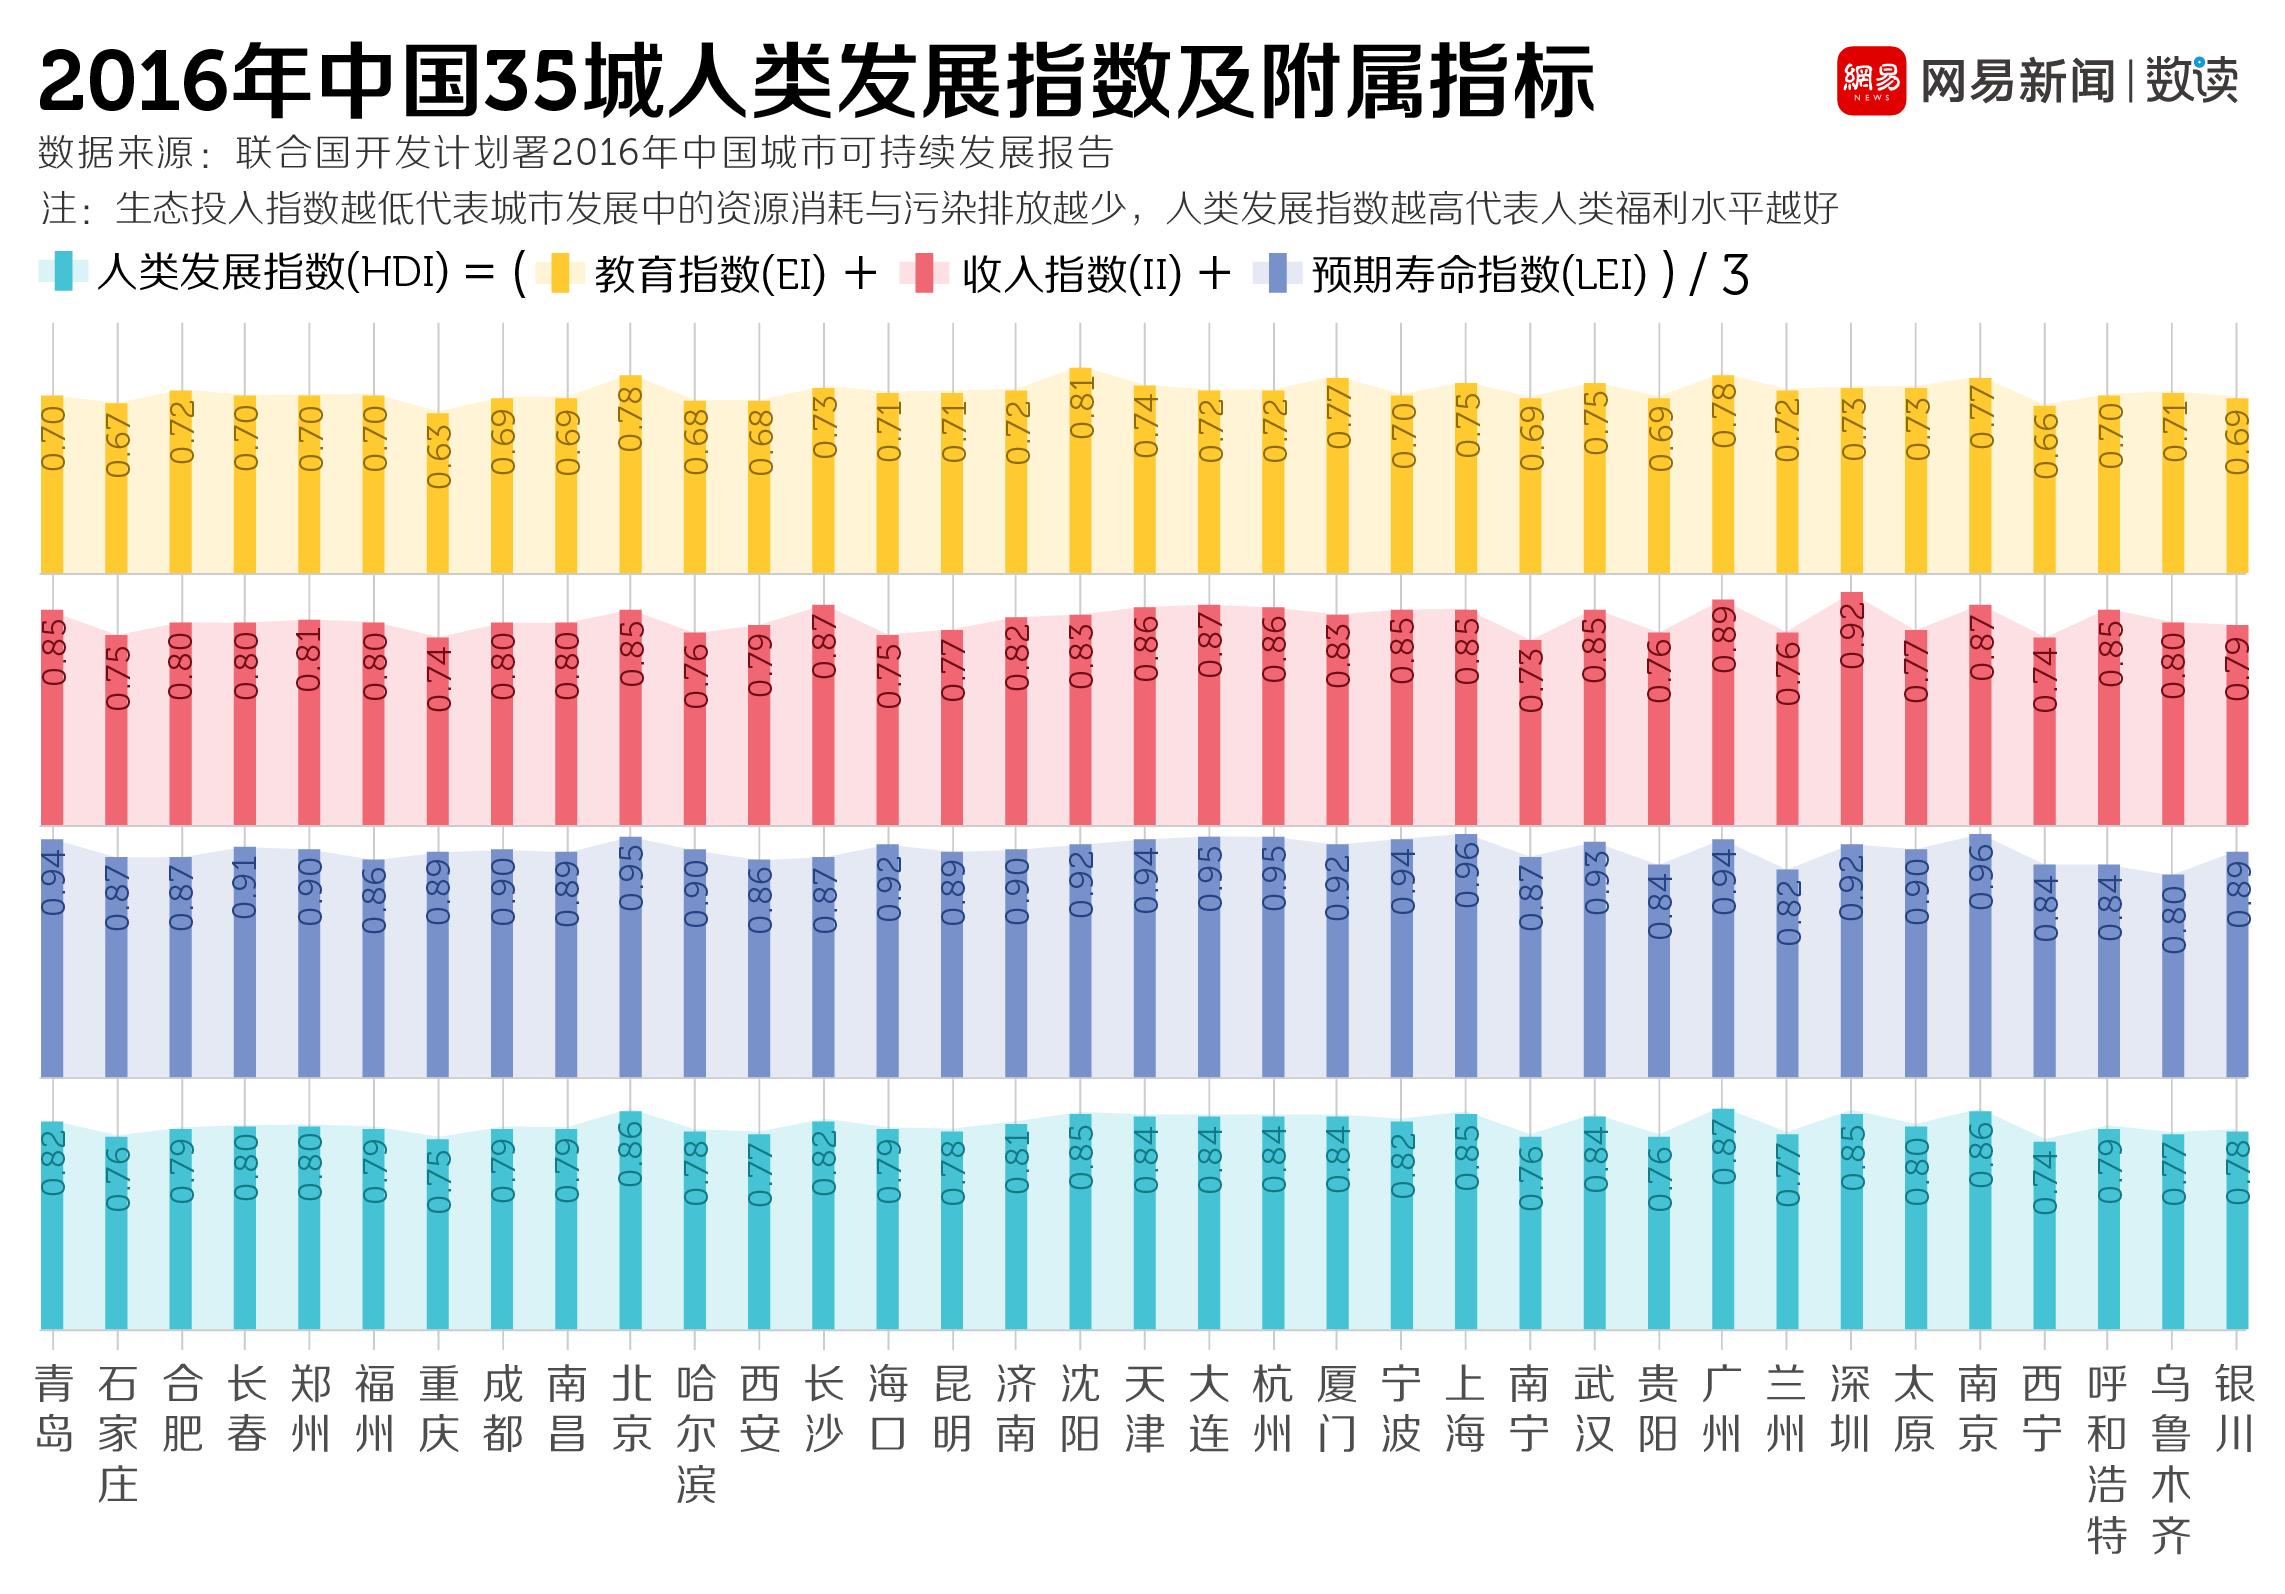 网易数读 | 中国的城市越来越发达 可持续发展前景却不乐观